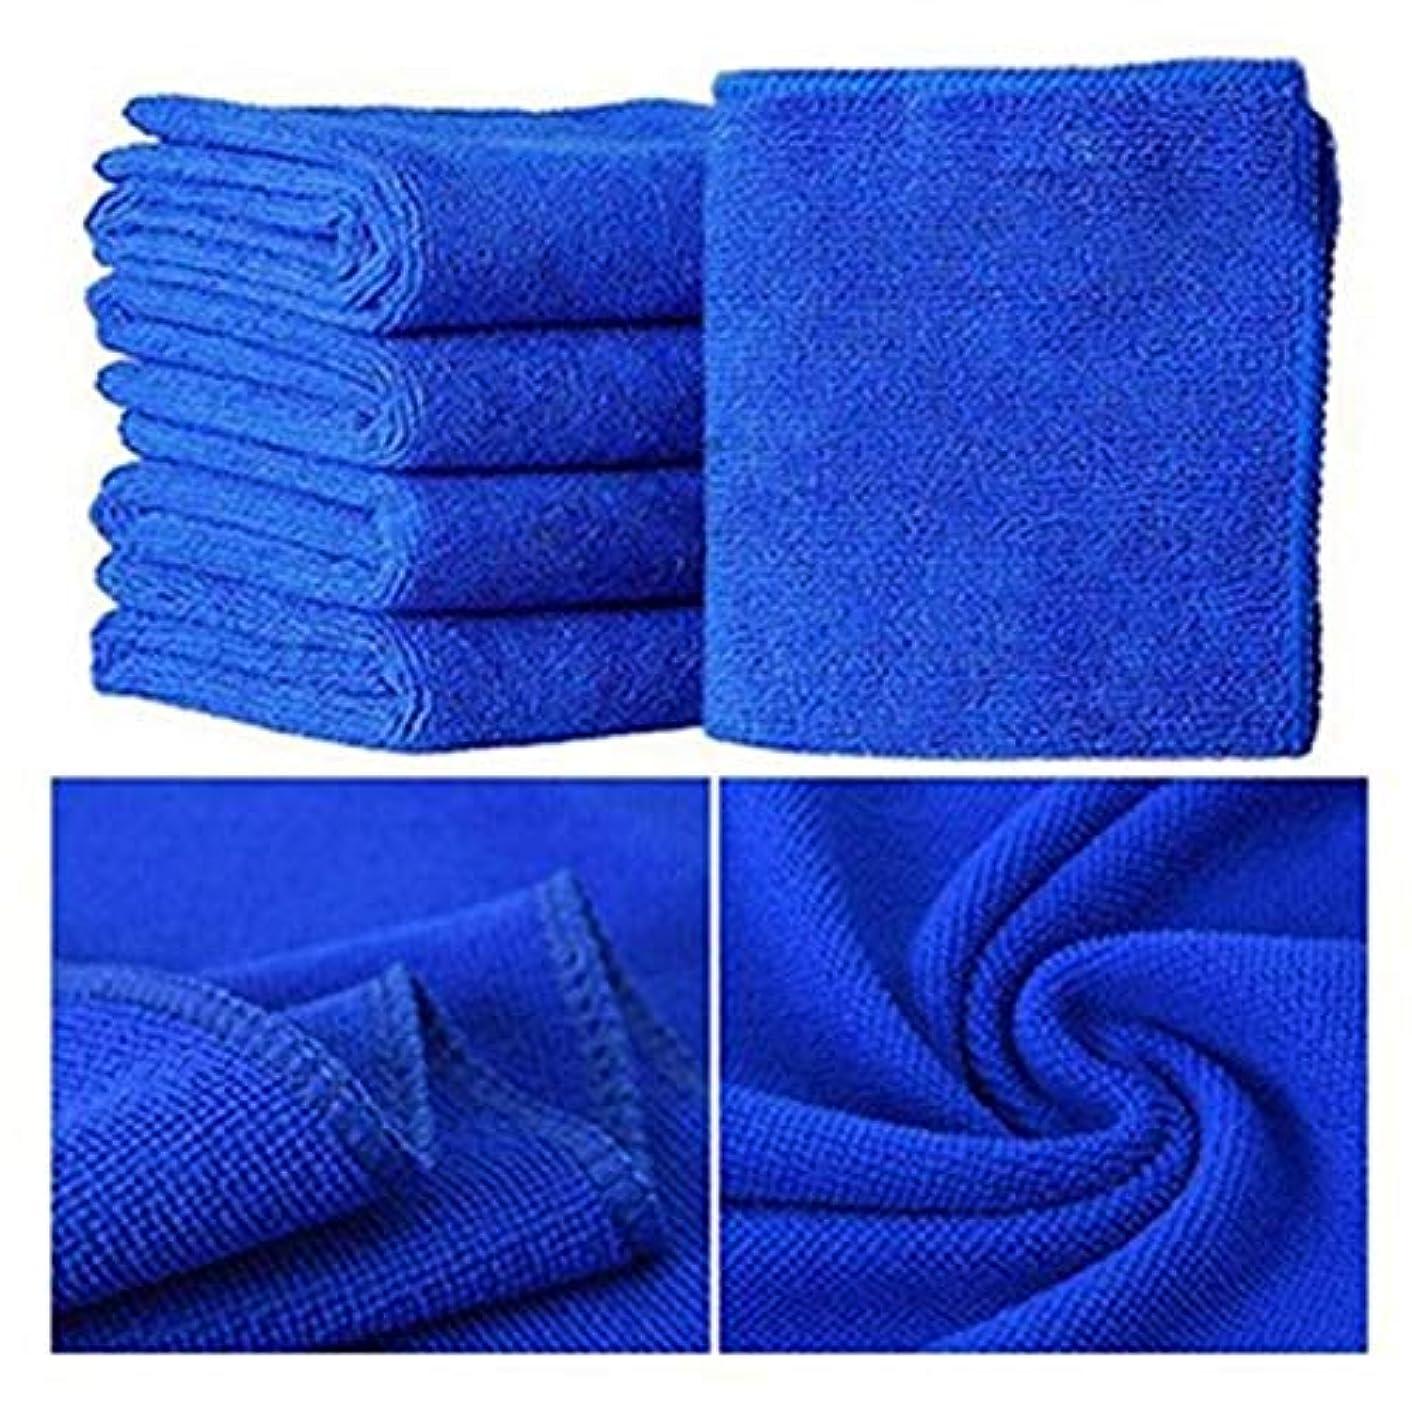 鑑定鹿アンペアMaxcrestas - 25*25cm 5 Pcs/ 10 Pcs Small Towel Soft Microfiber Towel great absorbent Towel for bathroom kitchen...